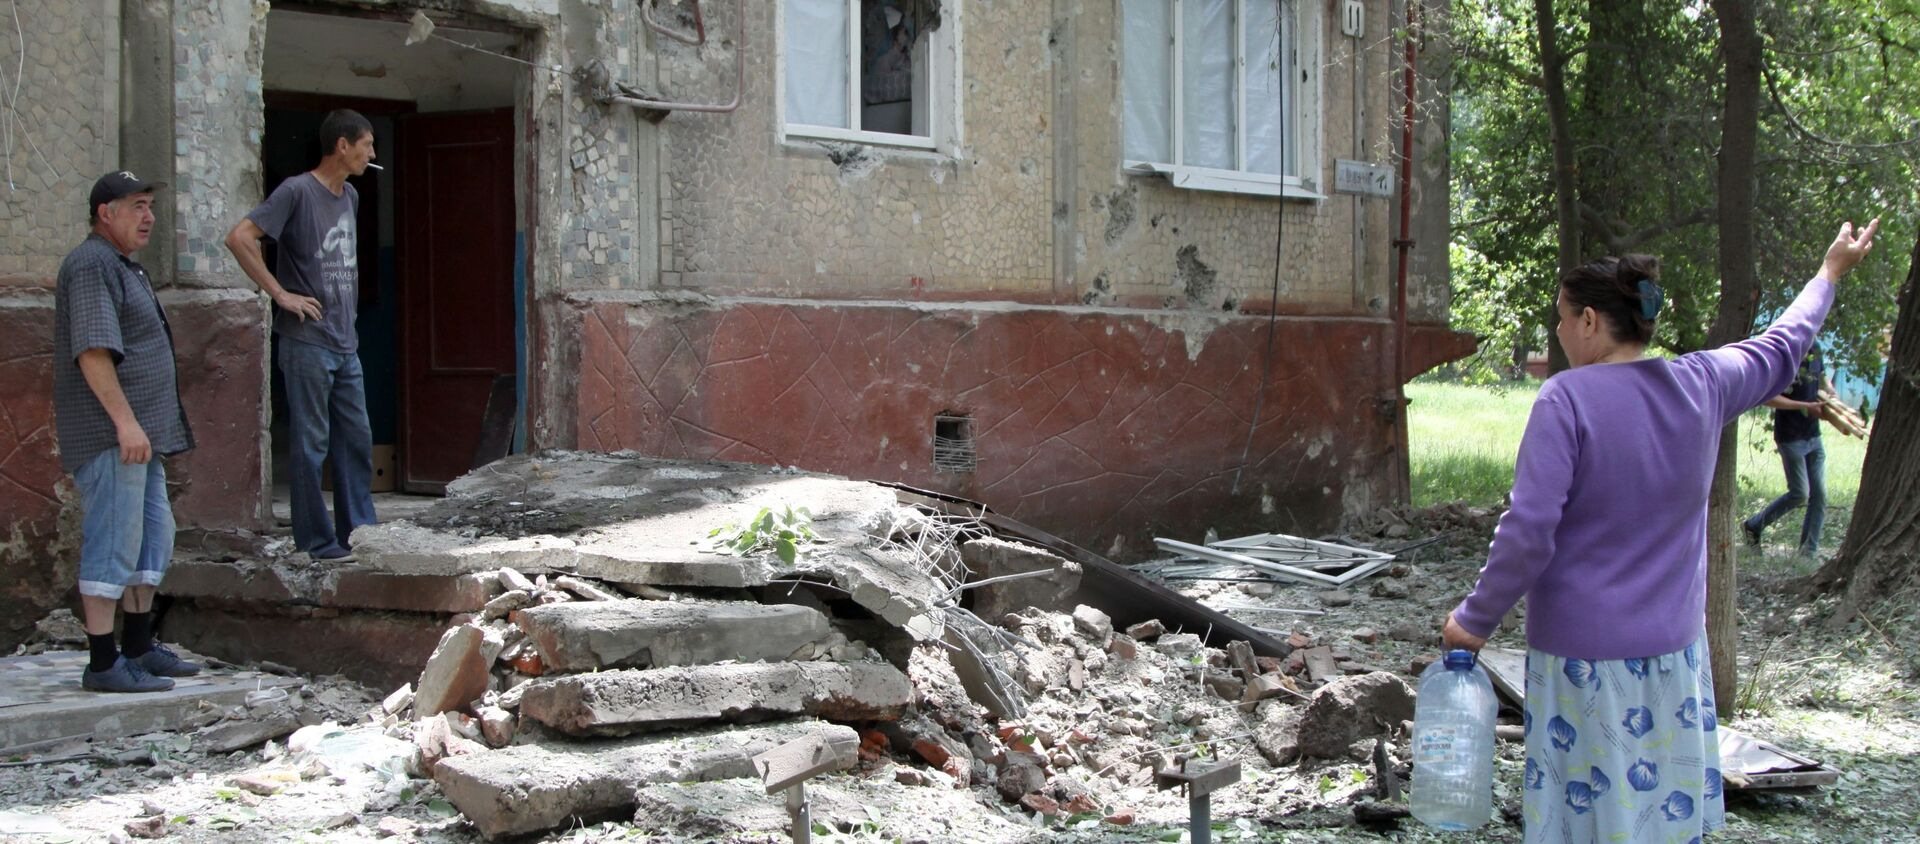 Konsekwencje ostrzału miejscowości w Donbasie przez ukraińskie siły bezpieczeństwa - Sputnik Polska, 1920, 06.04.2021